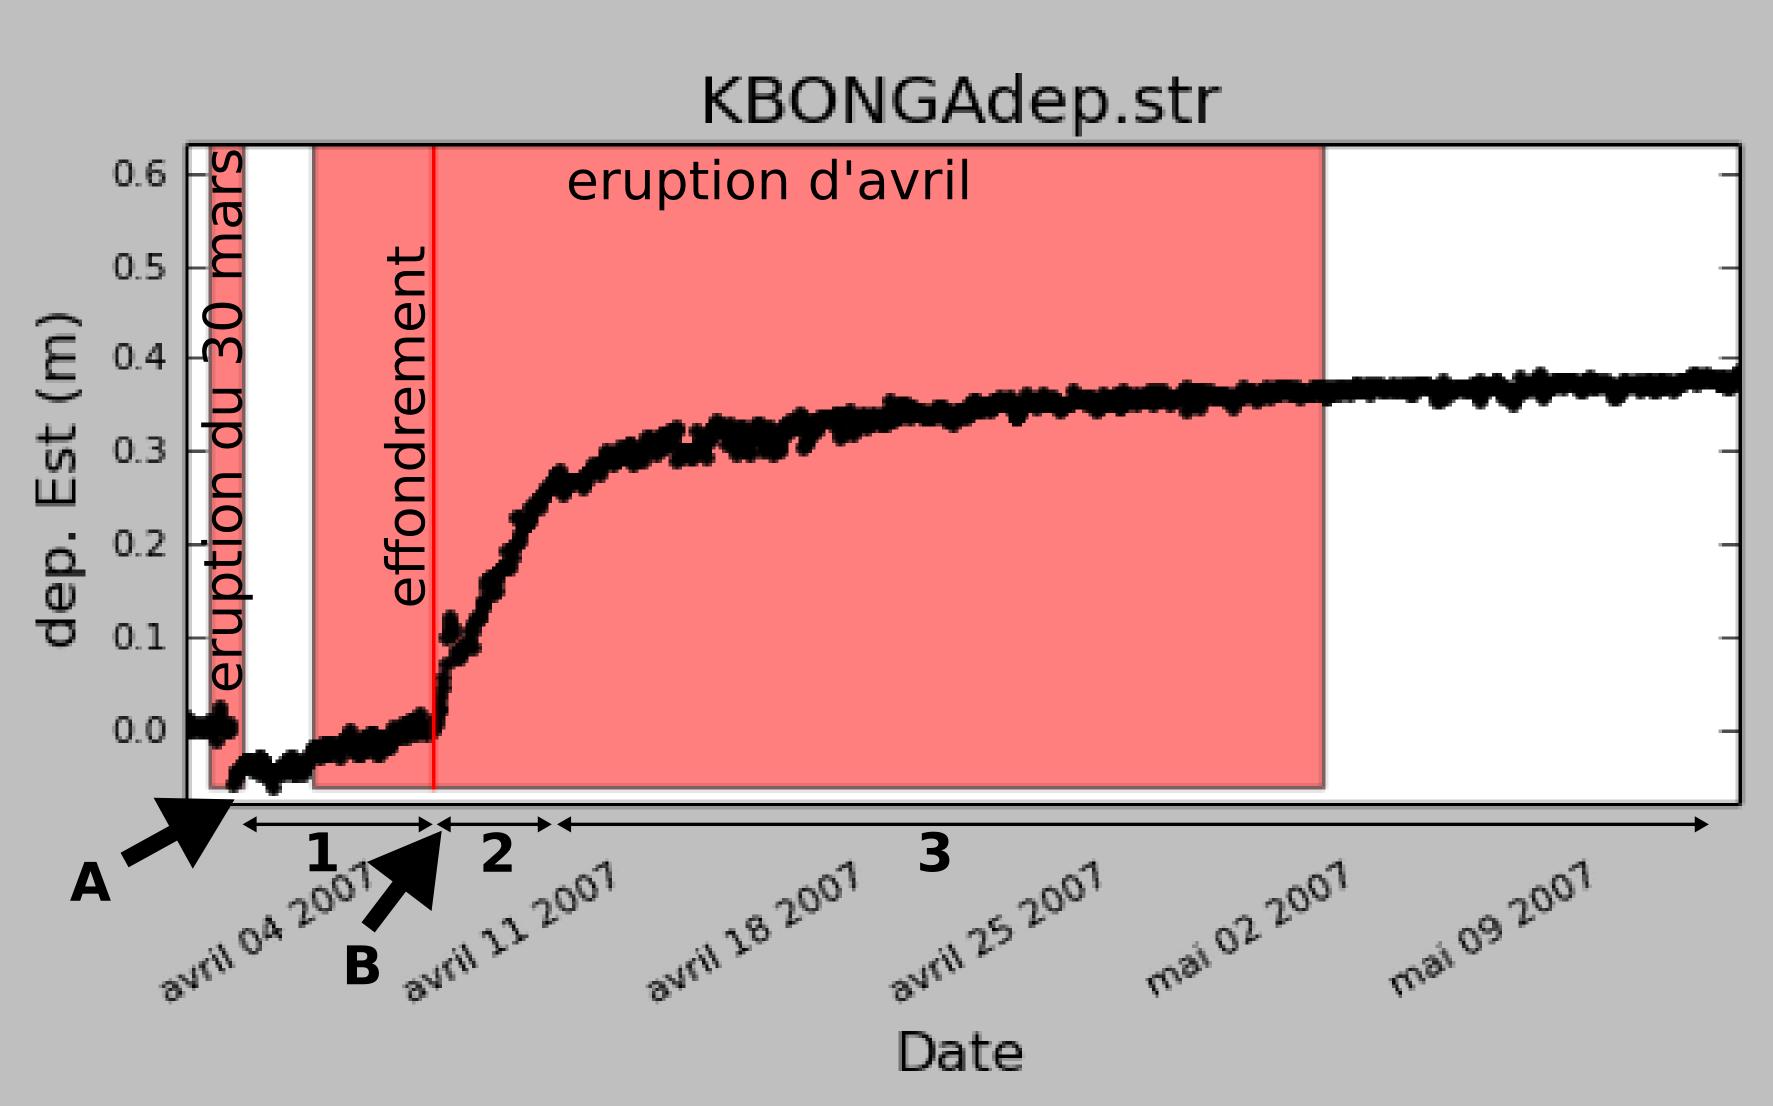 Déformation enregistrée par une station GPS (composante Est/Ouest seulement) en fonction du temps